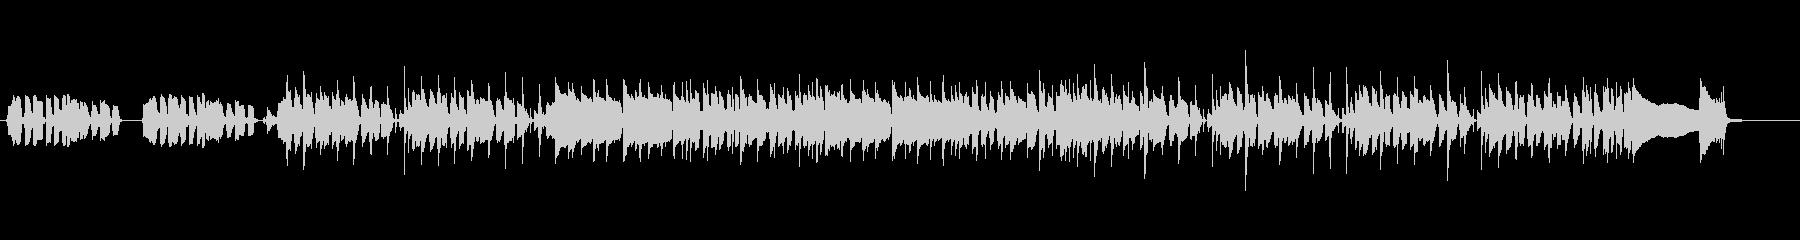 ベースフレーズが印象的なロックBGMの未再生の波形